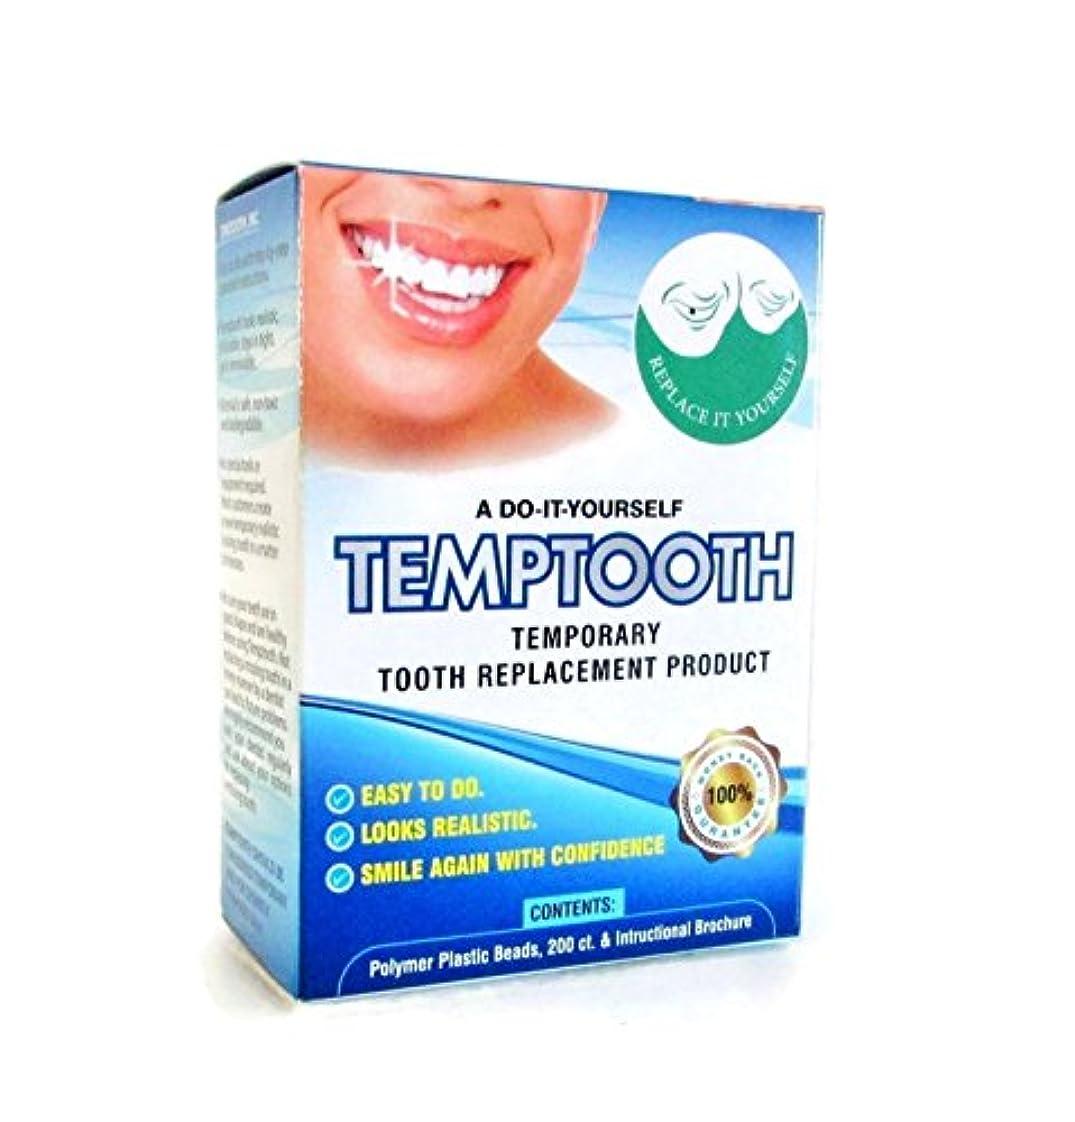 時代胆嚢漏斗自分で作るテンポラリー義歯/Temptooth Do It Yourself Tooth Replacement Product